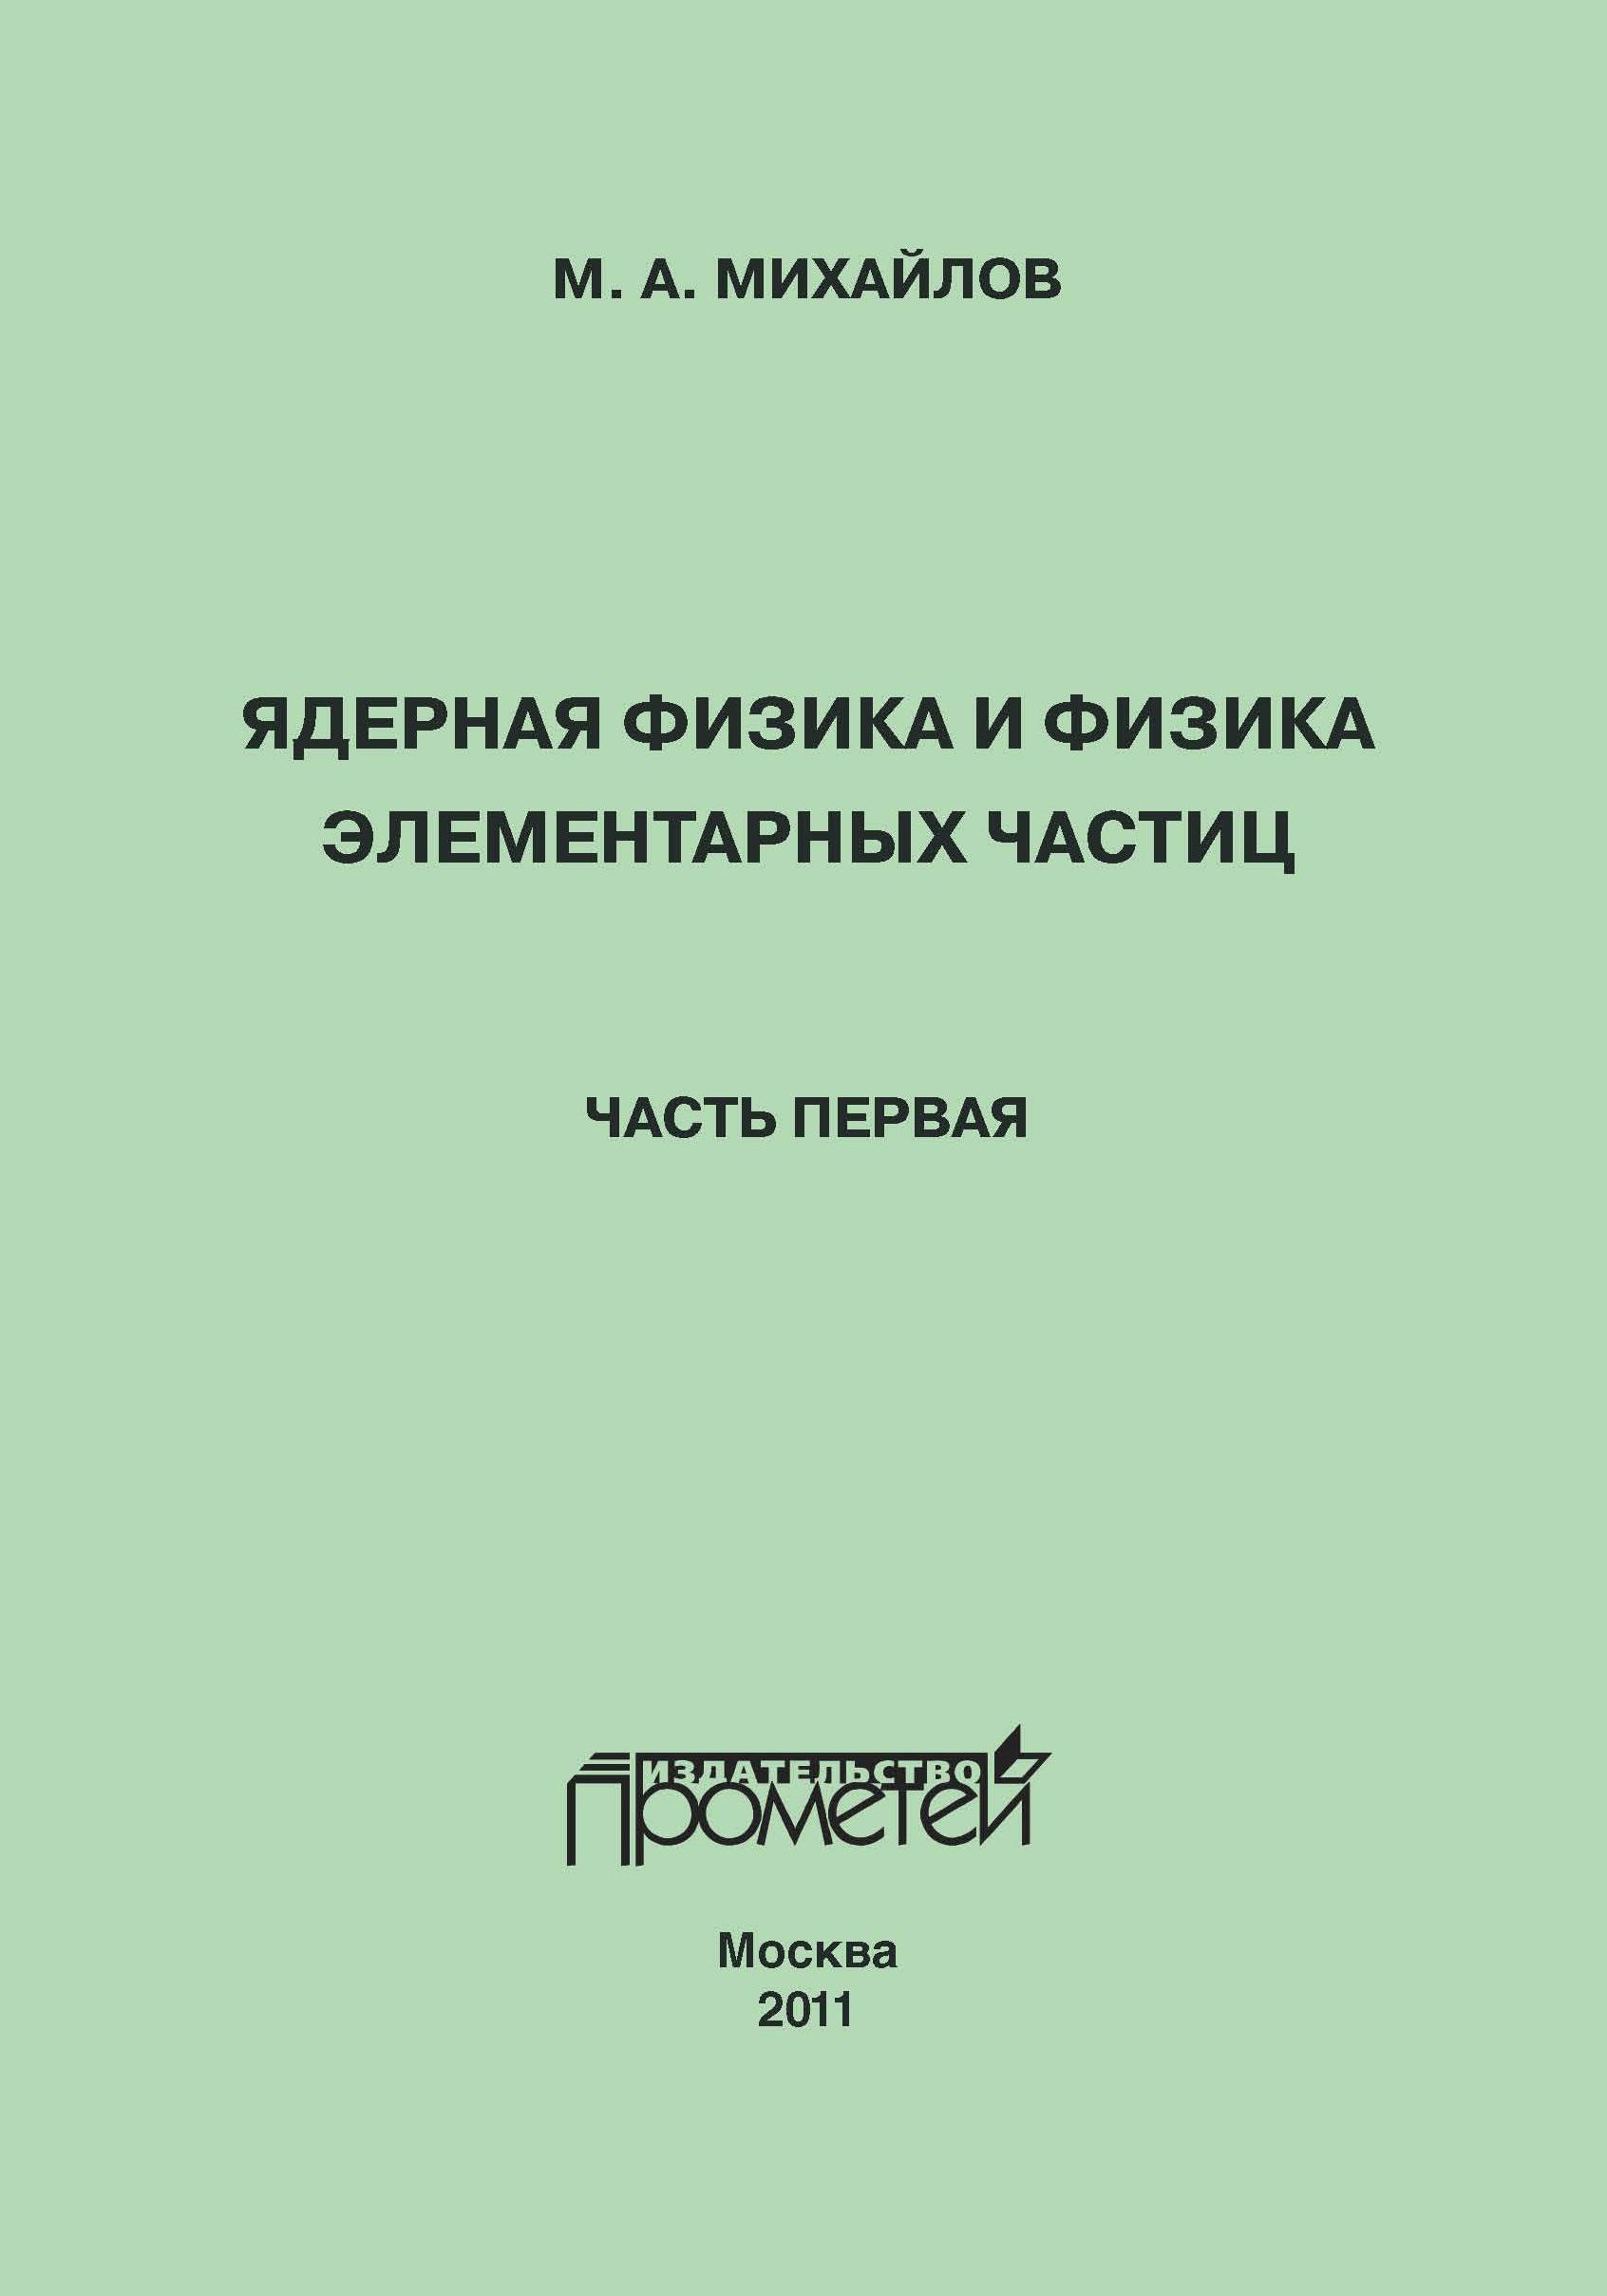 М. А. Михайлов Ядерная физика и физика элементарных частиц. Часть 1. Физика атомного ядра термос diolex dxu 1000 1 1л